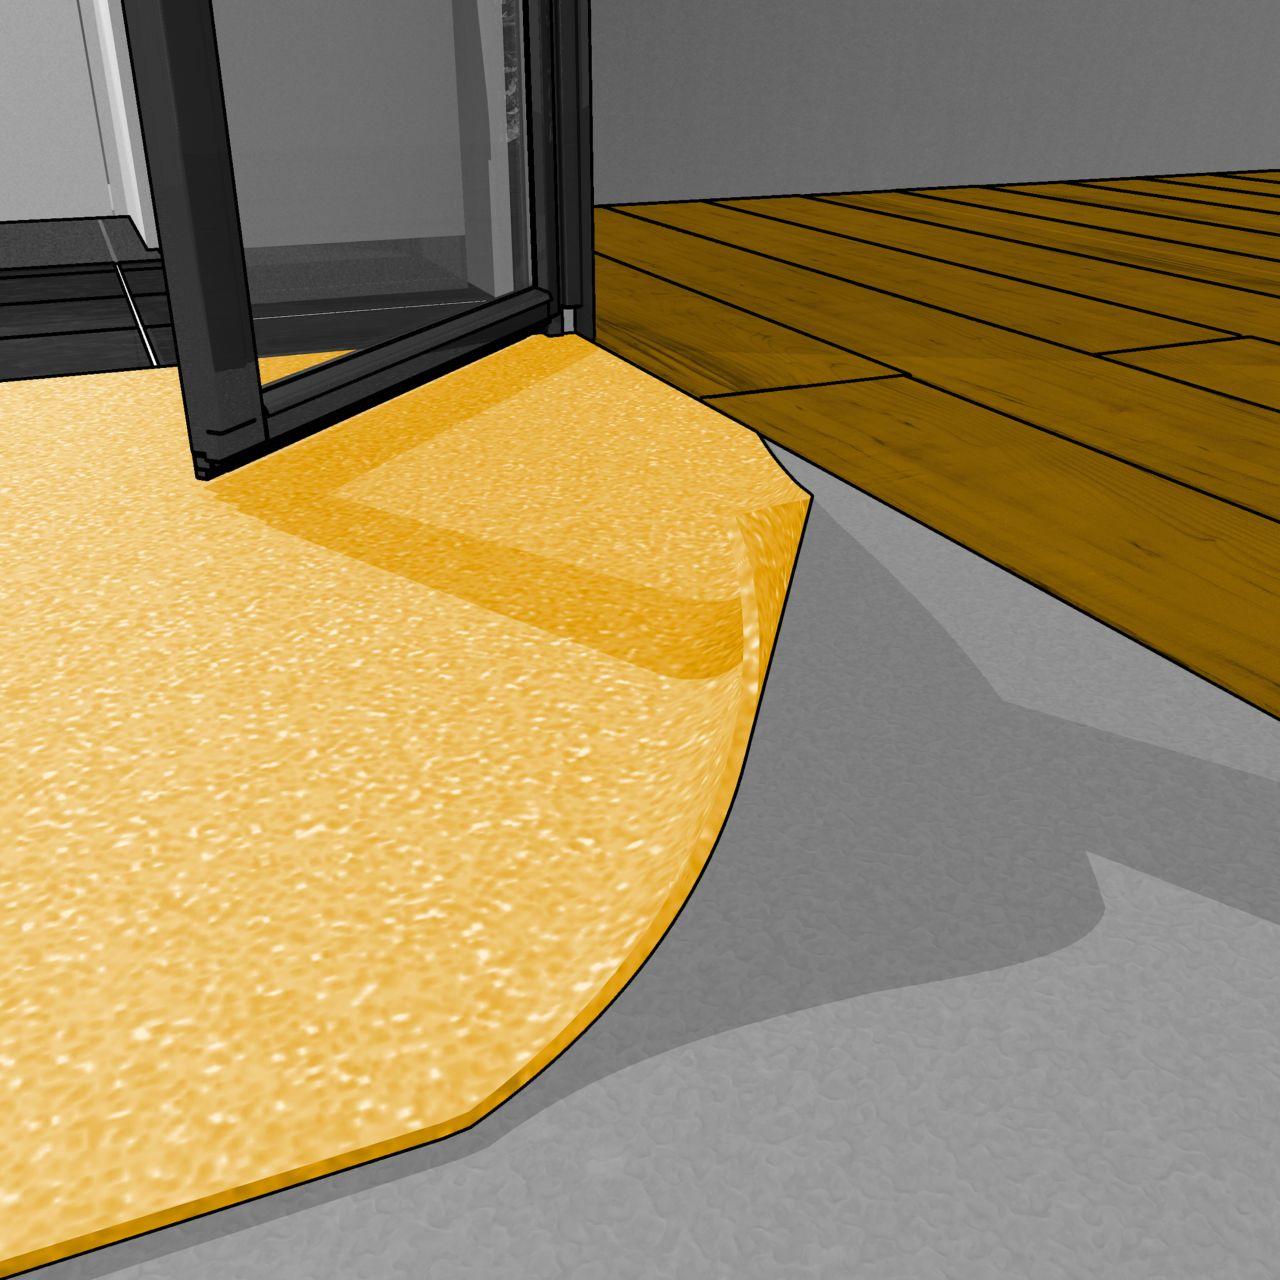 室内厨房地板胶粘剂应用的例证在异地建筑期间